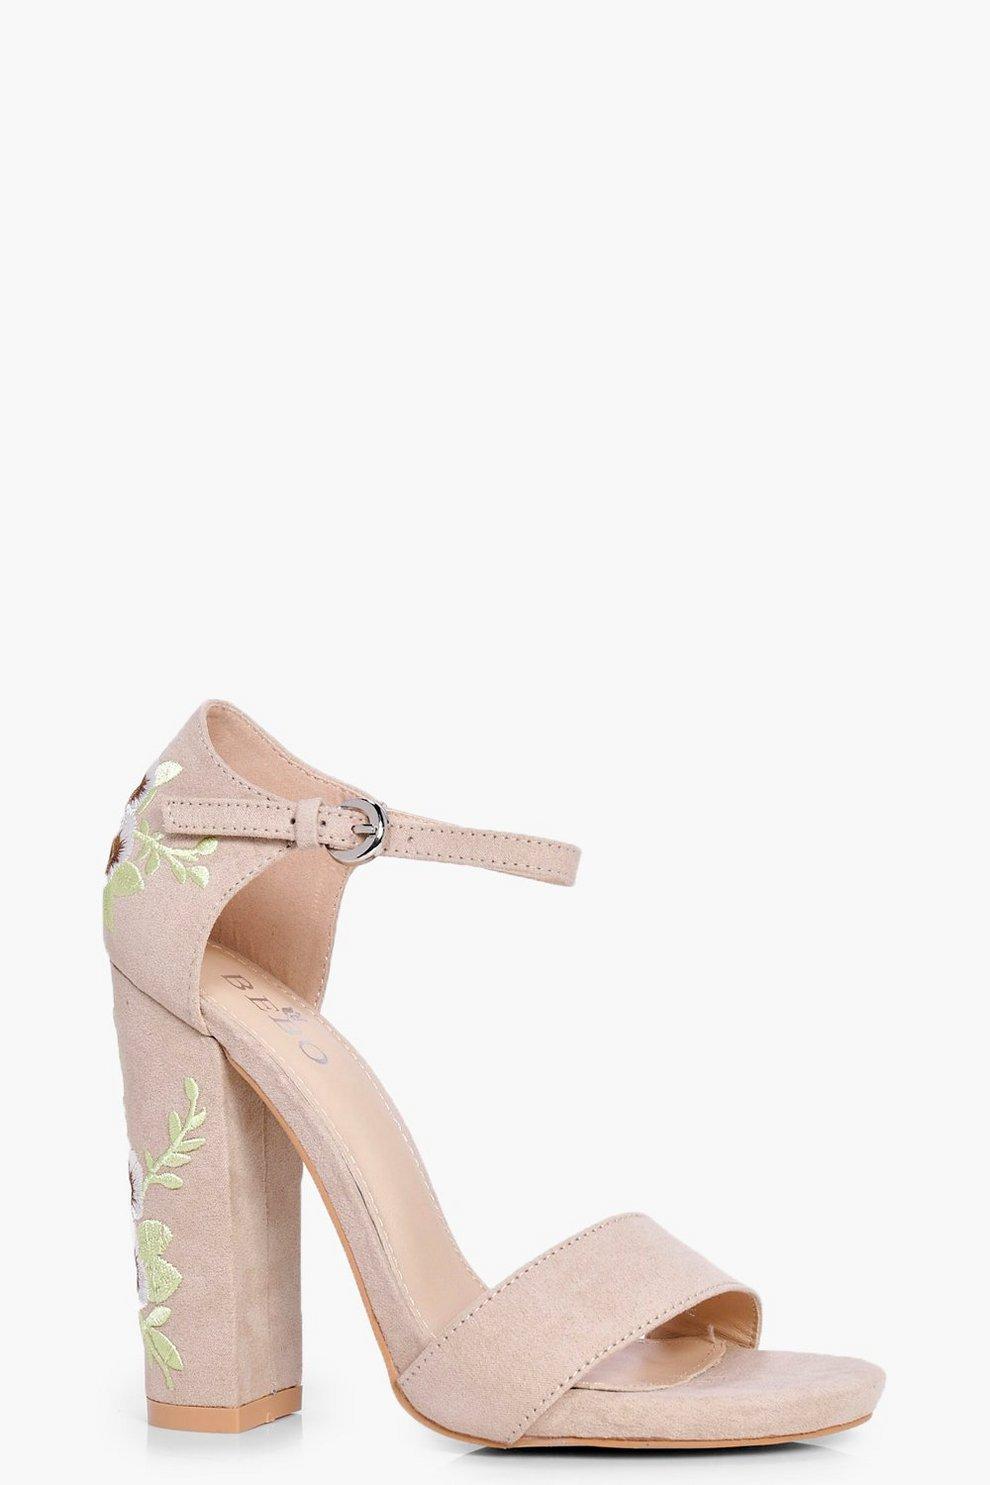 Zapatos beige Boohoo para hombre nlIGezd604